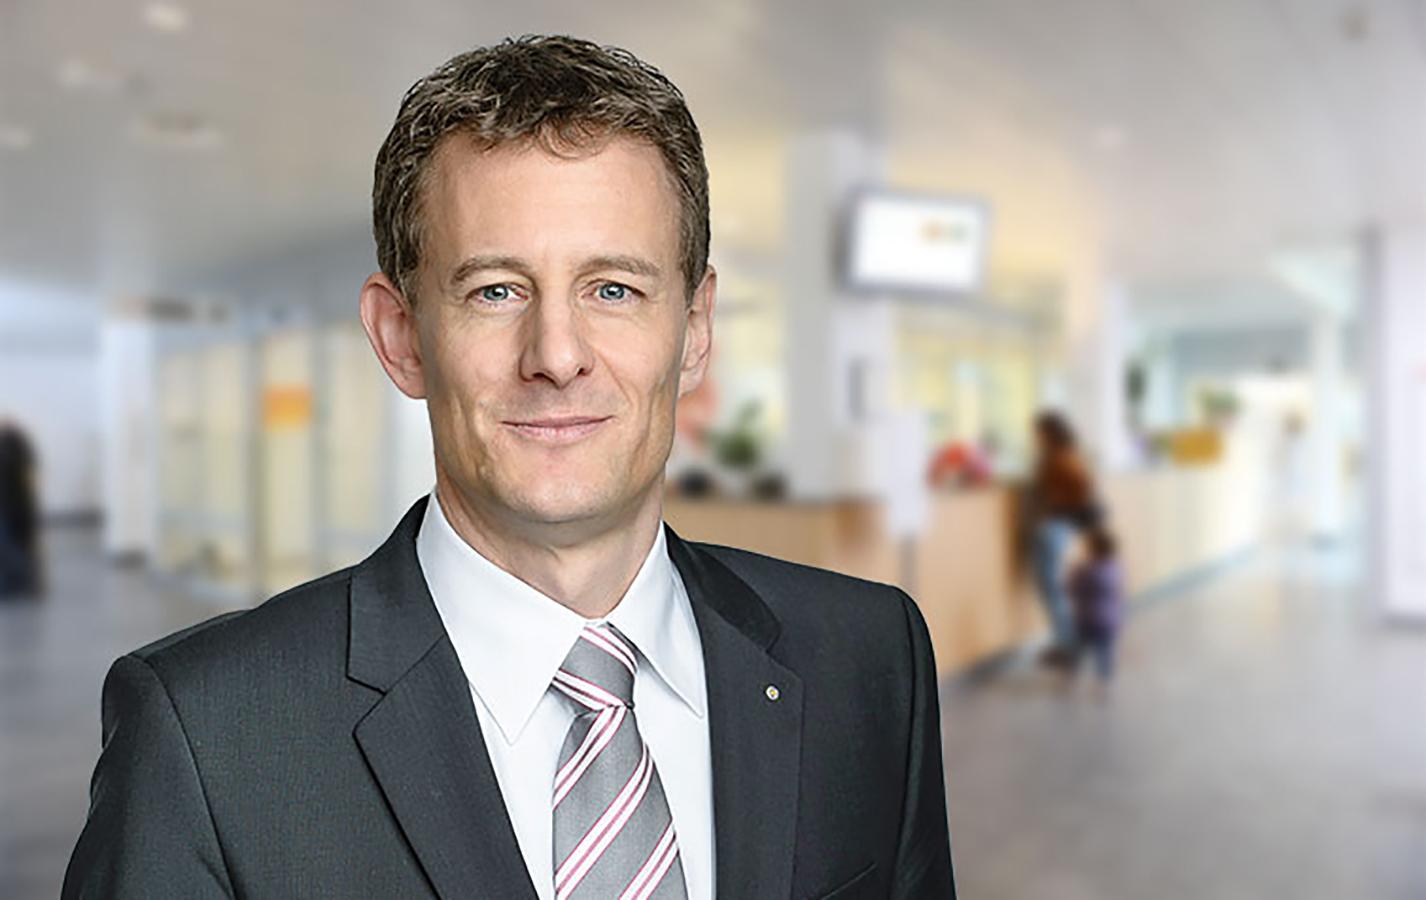 Spital wird in Kantonsspital integriert - CEO geht